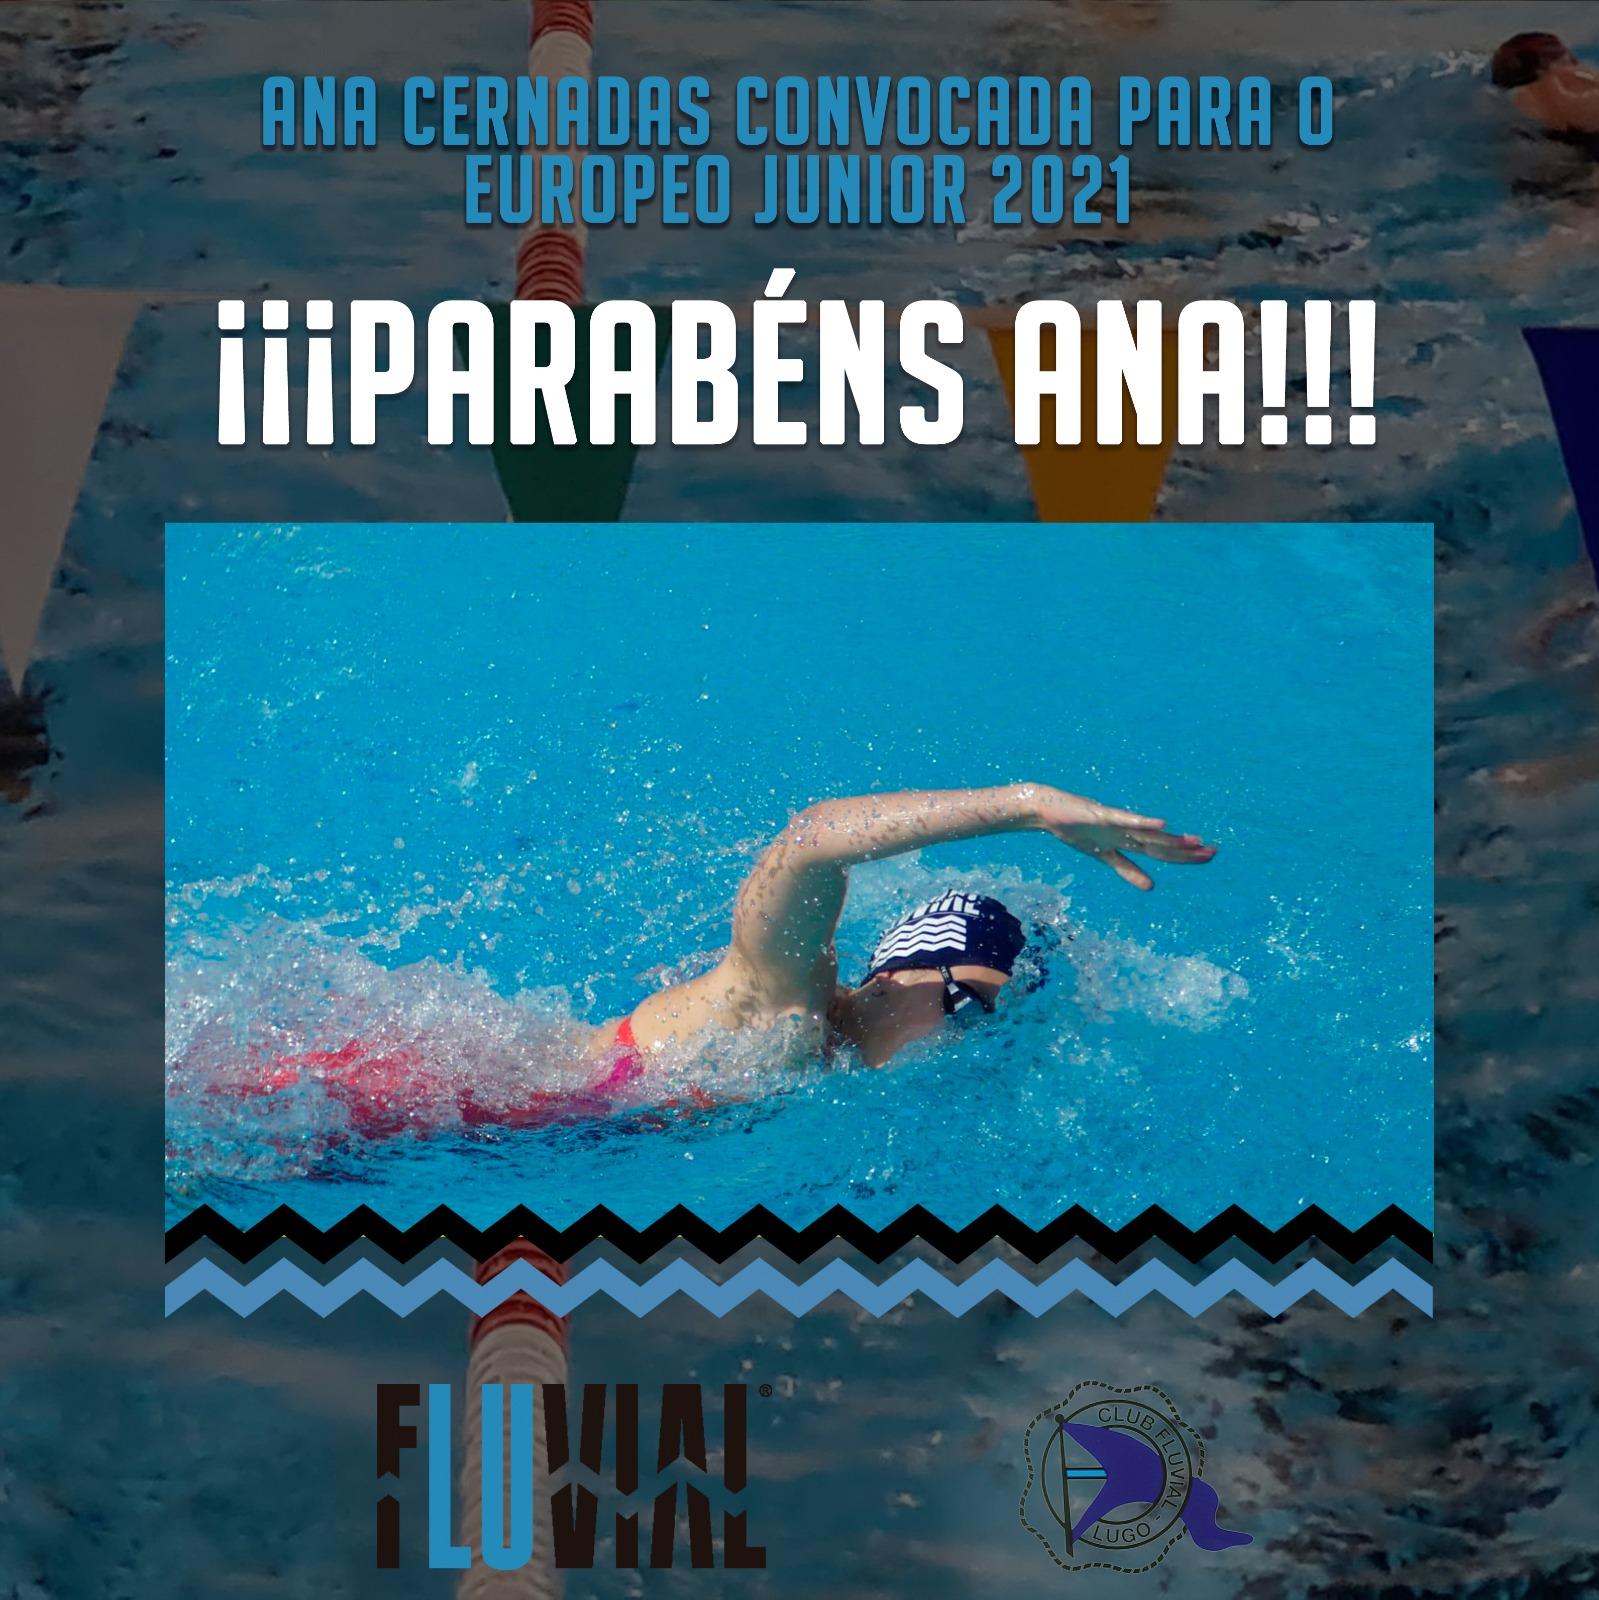 Ana Cernandas Convocada pola Fed.Española de Natación para o Campeonato de Europa Junior